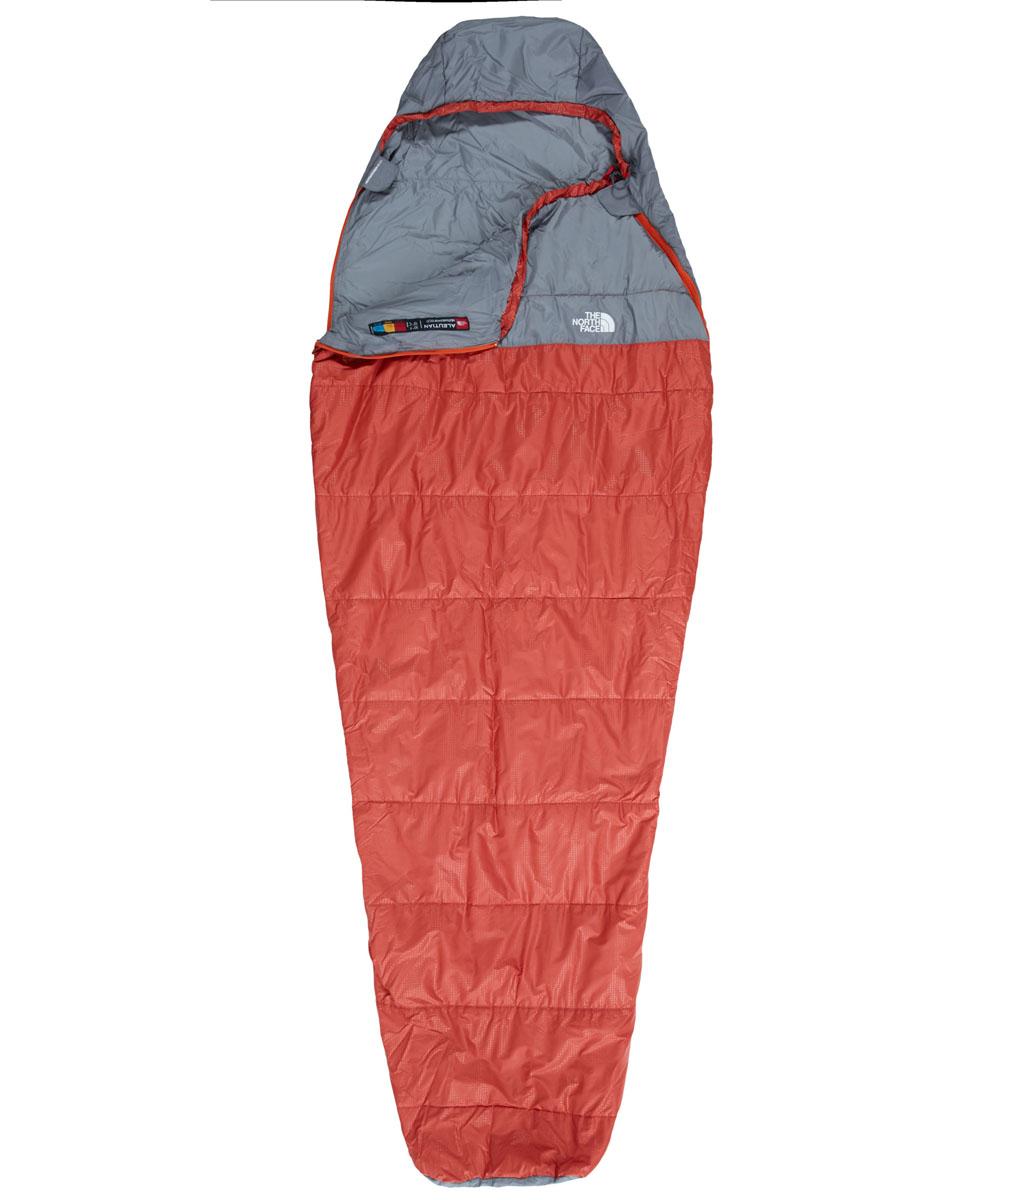 Мешок спальный The North Face Aleutian 50/10, левосторонняя/правосторонняя молния, 77 х 210 смa026124Спальный мешок The North Face Aleutian 50/10 -незаменимая вещь для любителей уюта и комфорта во время активного отдыха. Прекрасно подходит для прохладной погоды, его можно целиком расстегнуть и расстелить в качестве пола в палатке. Спальный мешок закрывается на двустороннюю застежку-молнию. Этот спальный мешок очень вместительный, универсальный, теплый, комфортный и при этом практичный. Спальный мешок упакован в удобный чехол для переноски.